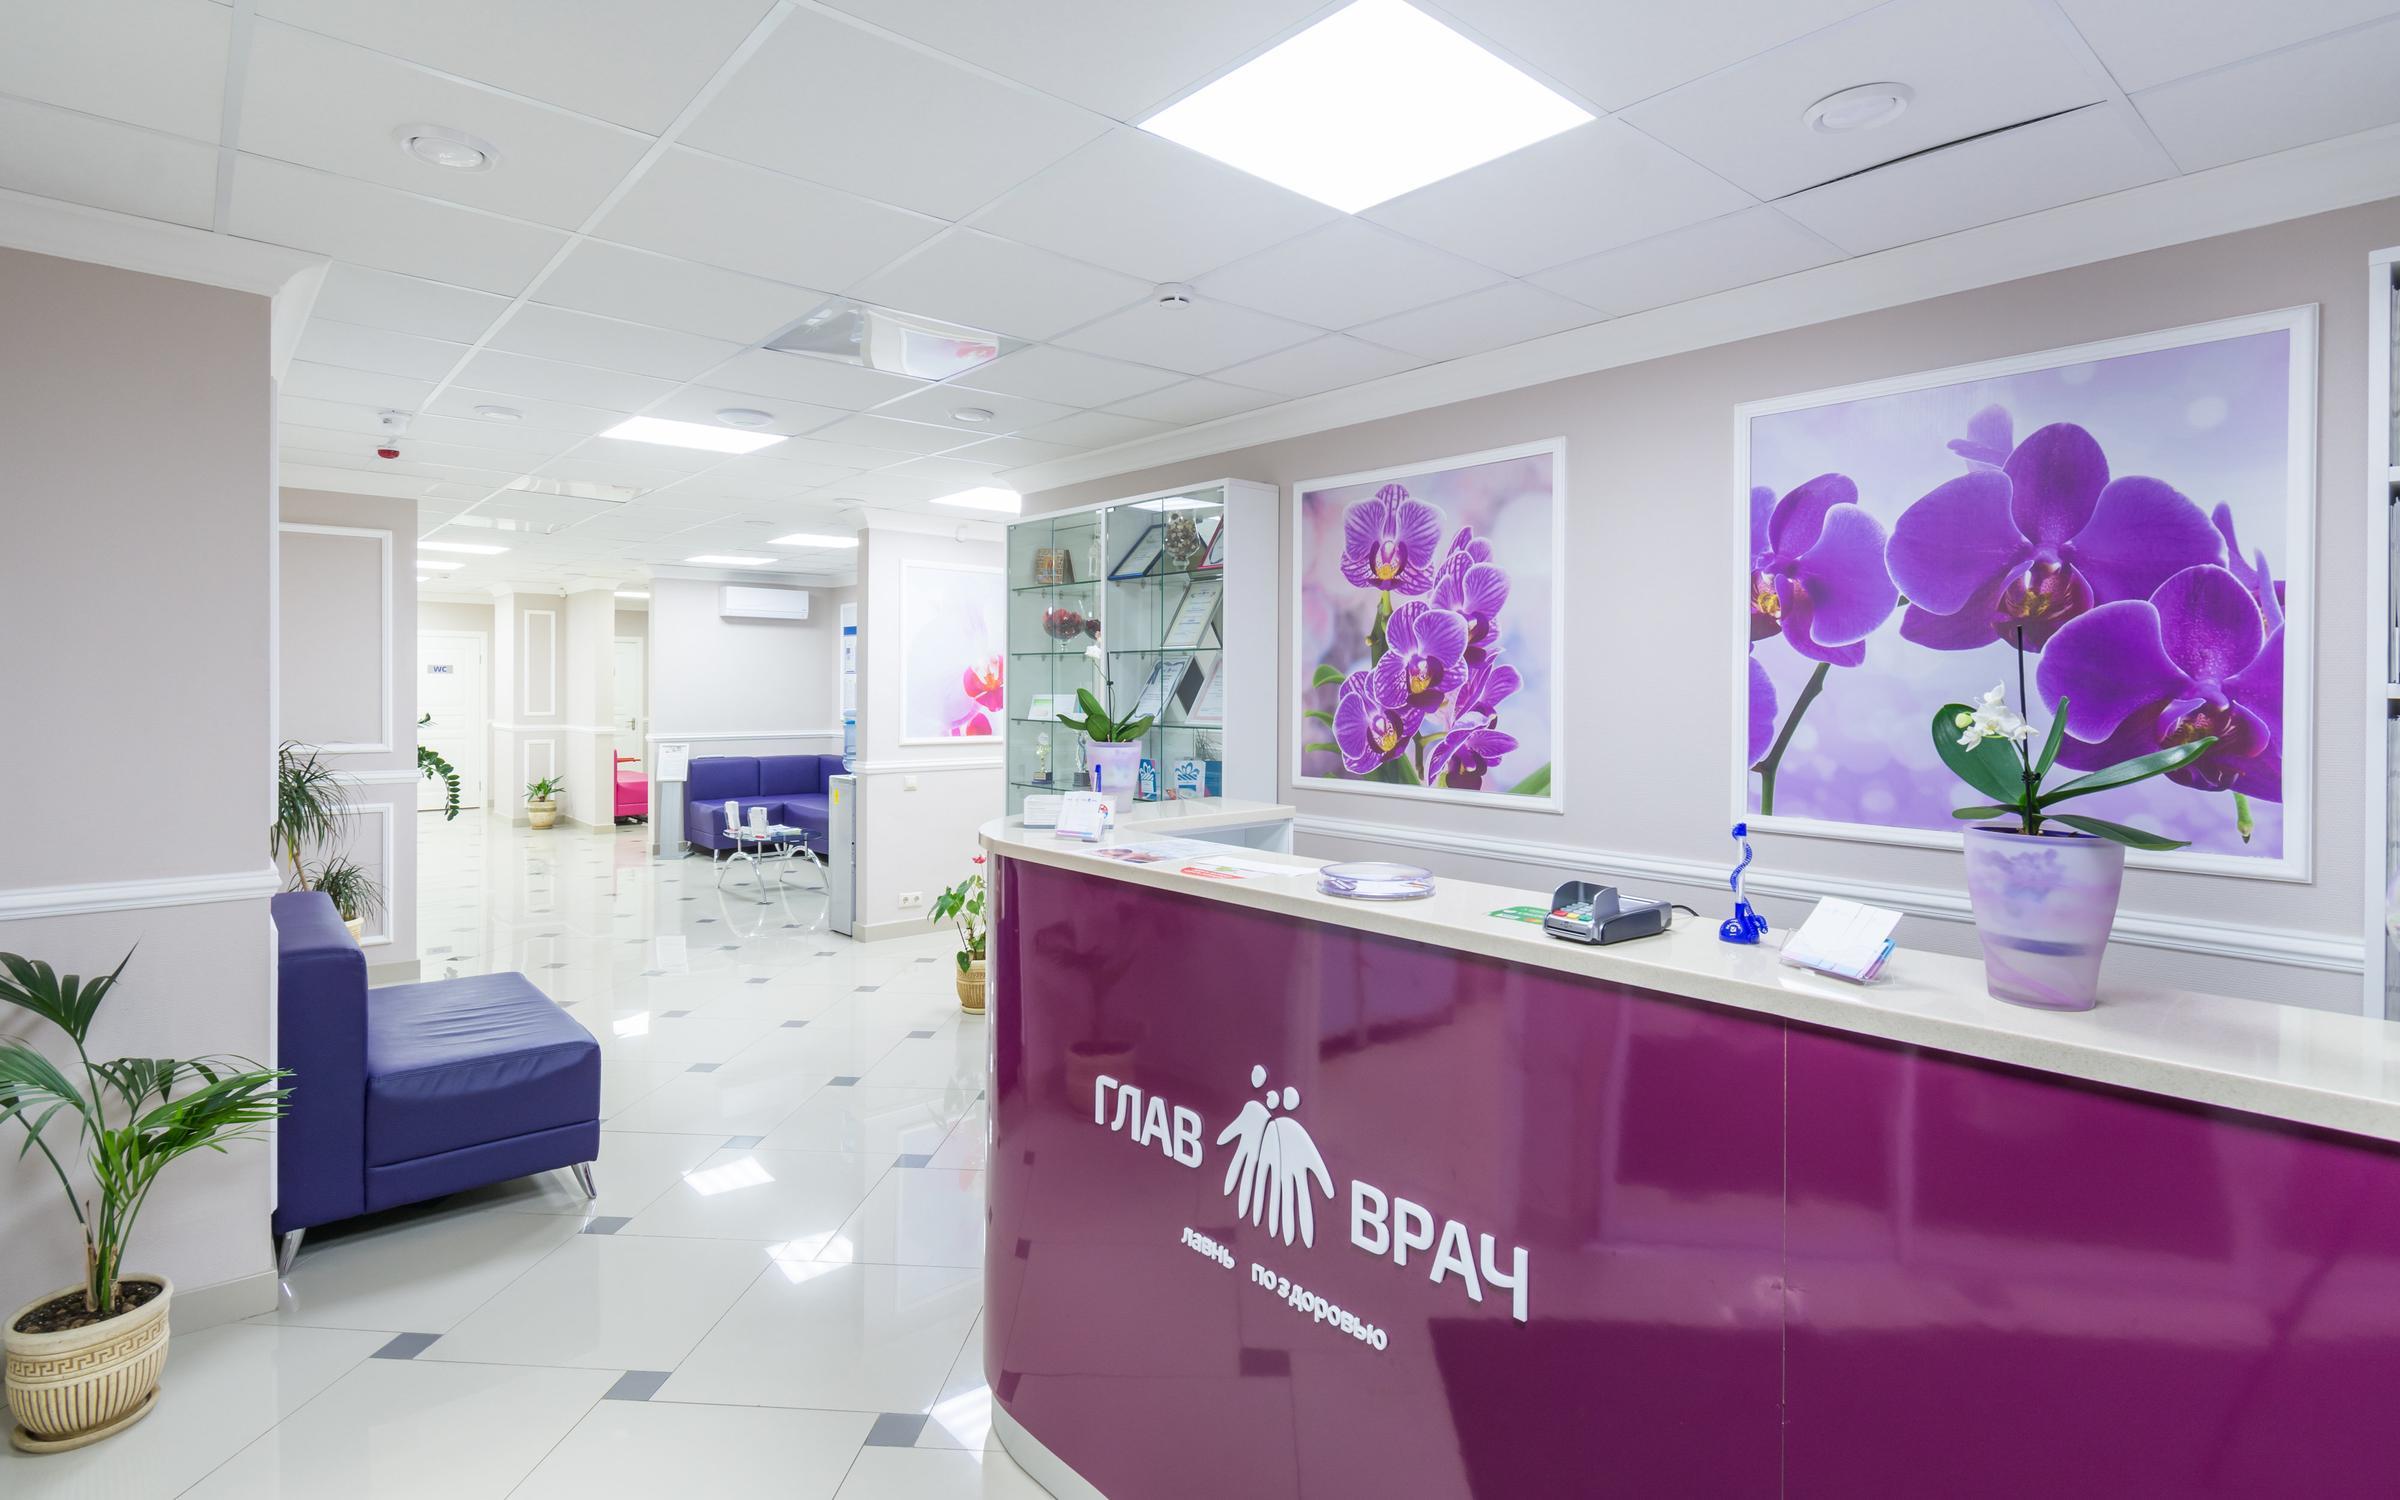 фотография Медицинского центра и стоматологии ГлавВрач в Подольске